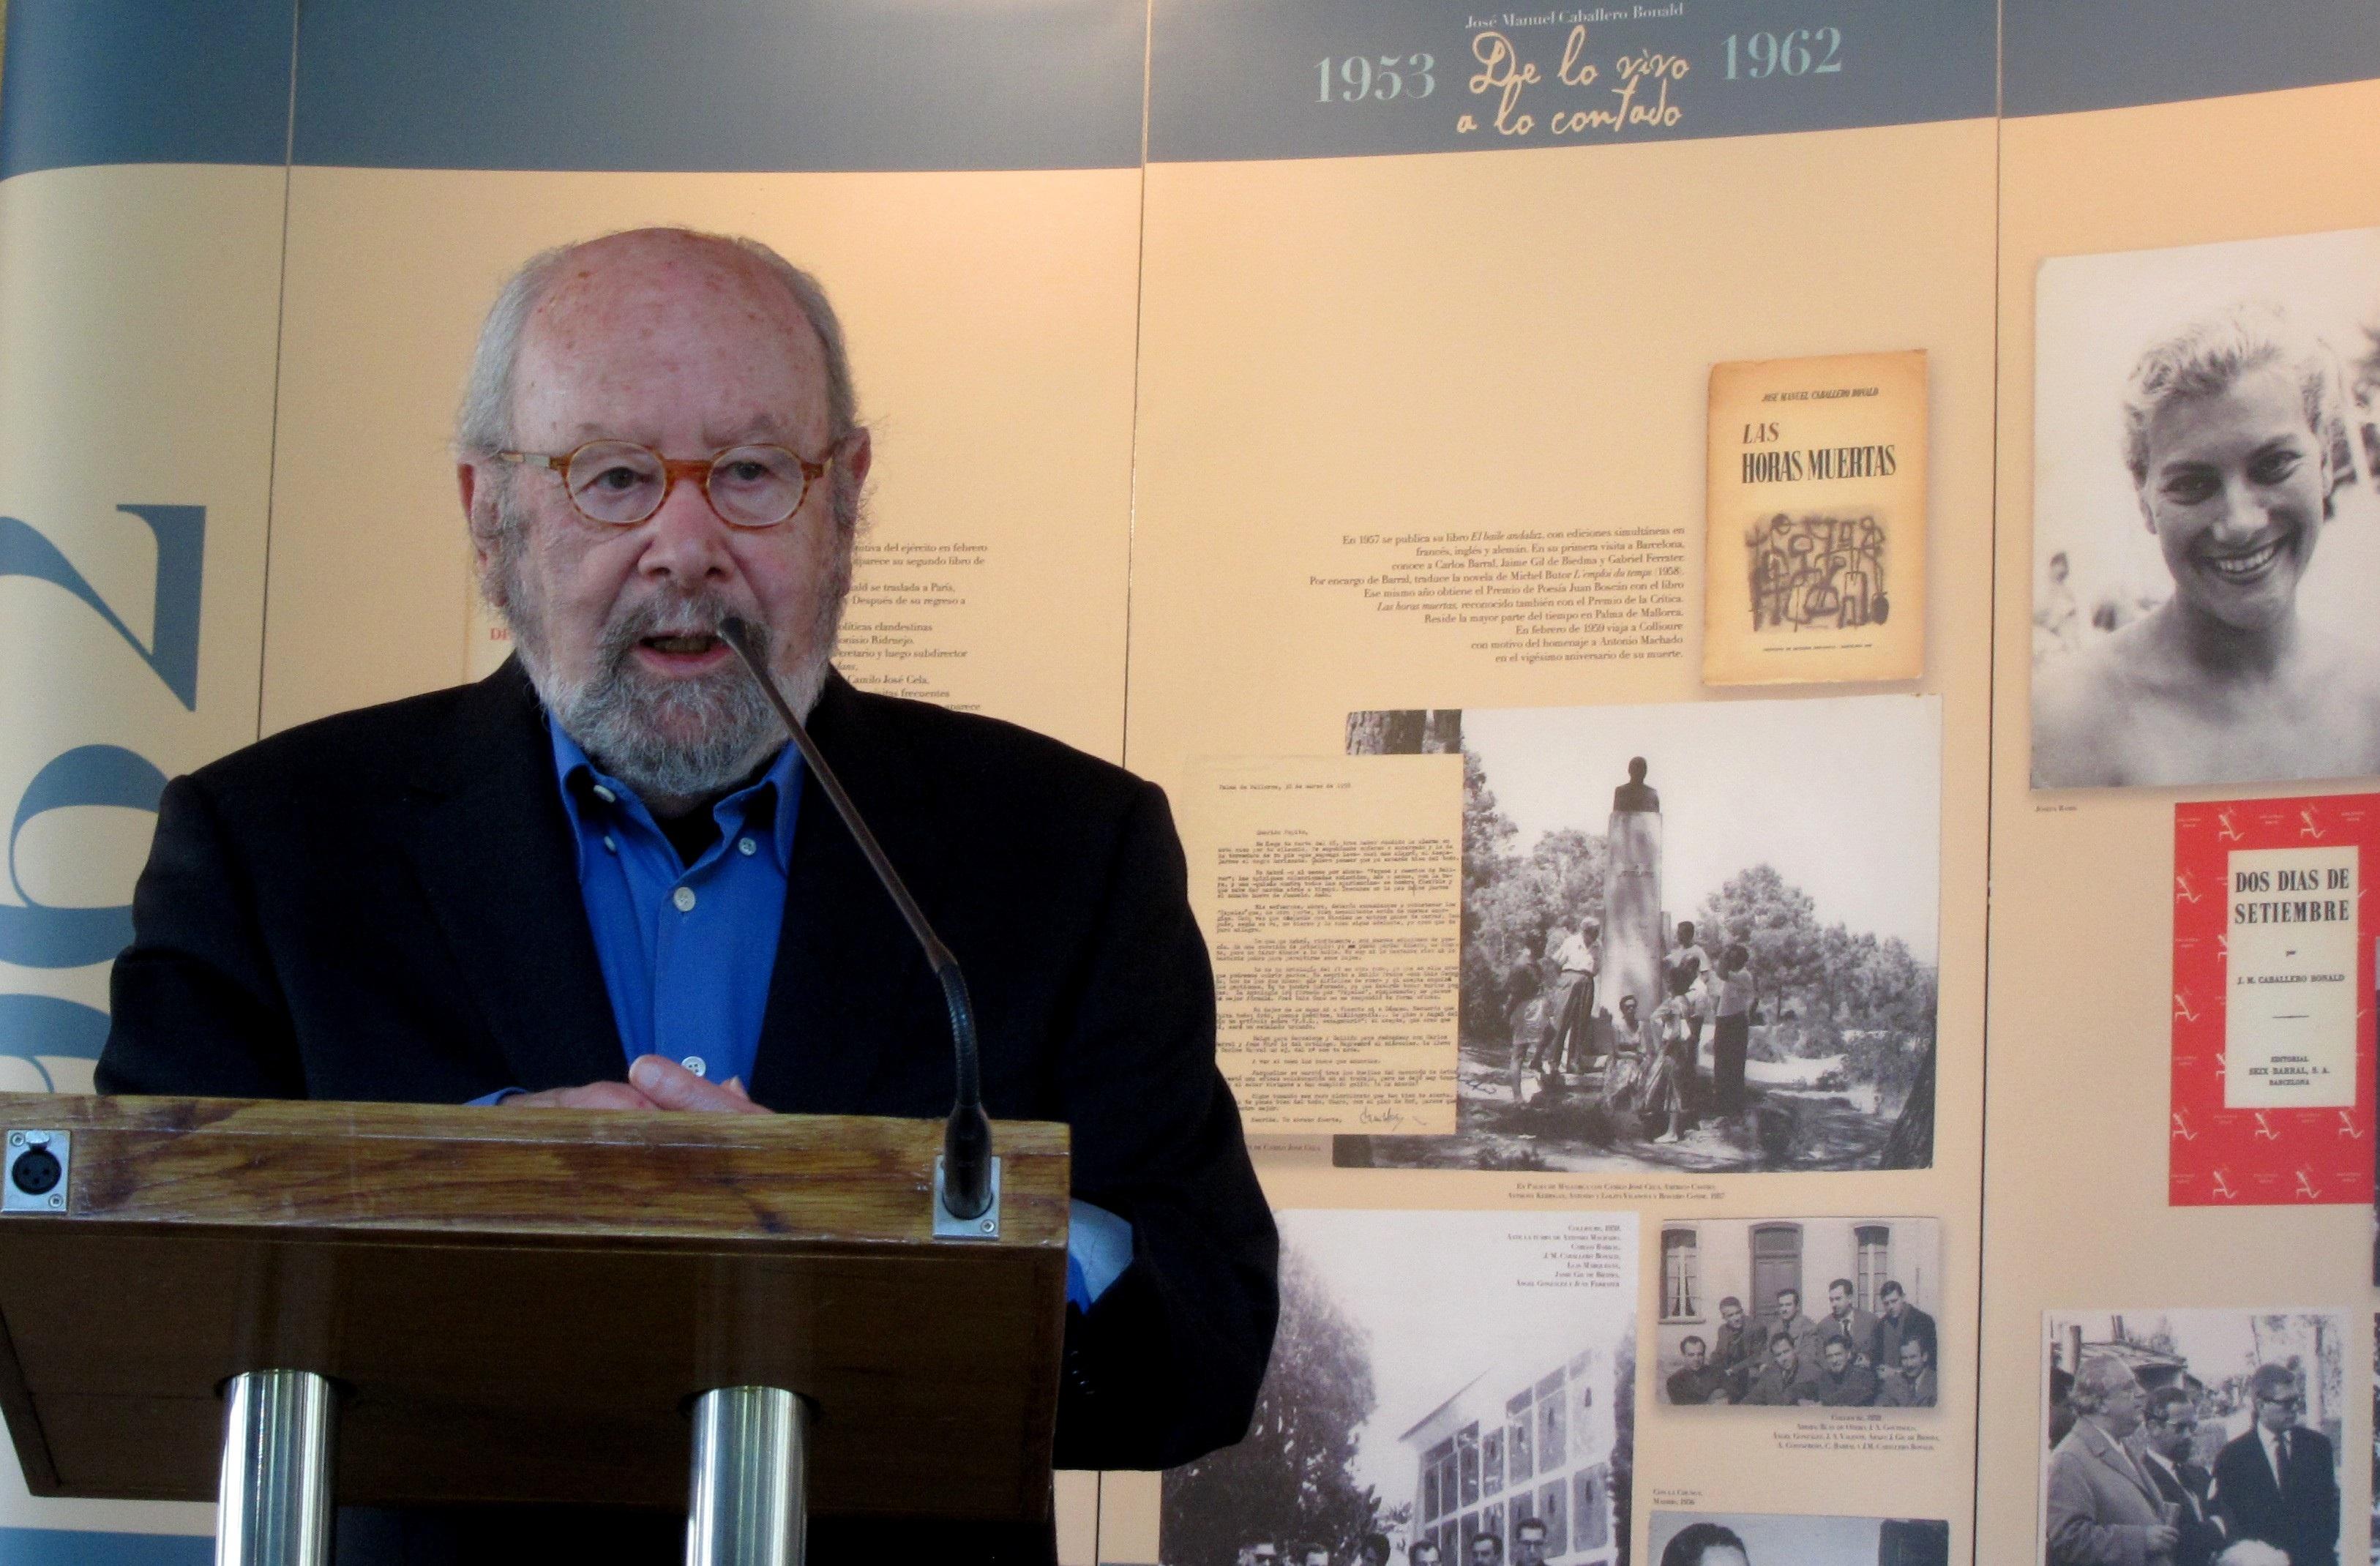 El Palmeral acoge »De lo vivo a lo contado», un homenaje al poeta andaluz Caballero Bonald